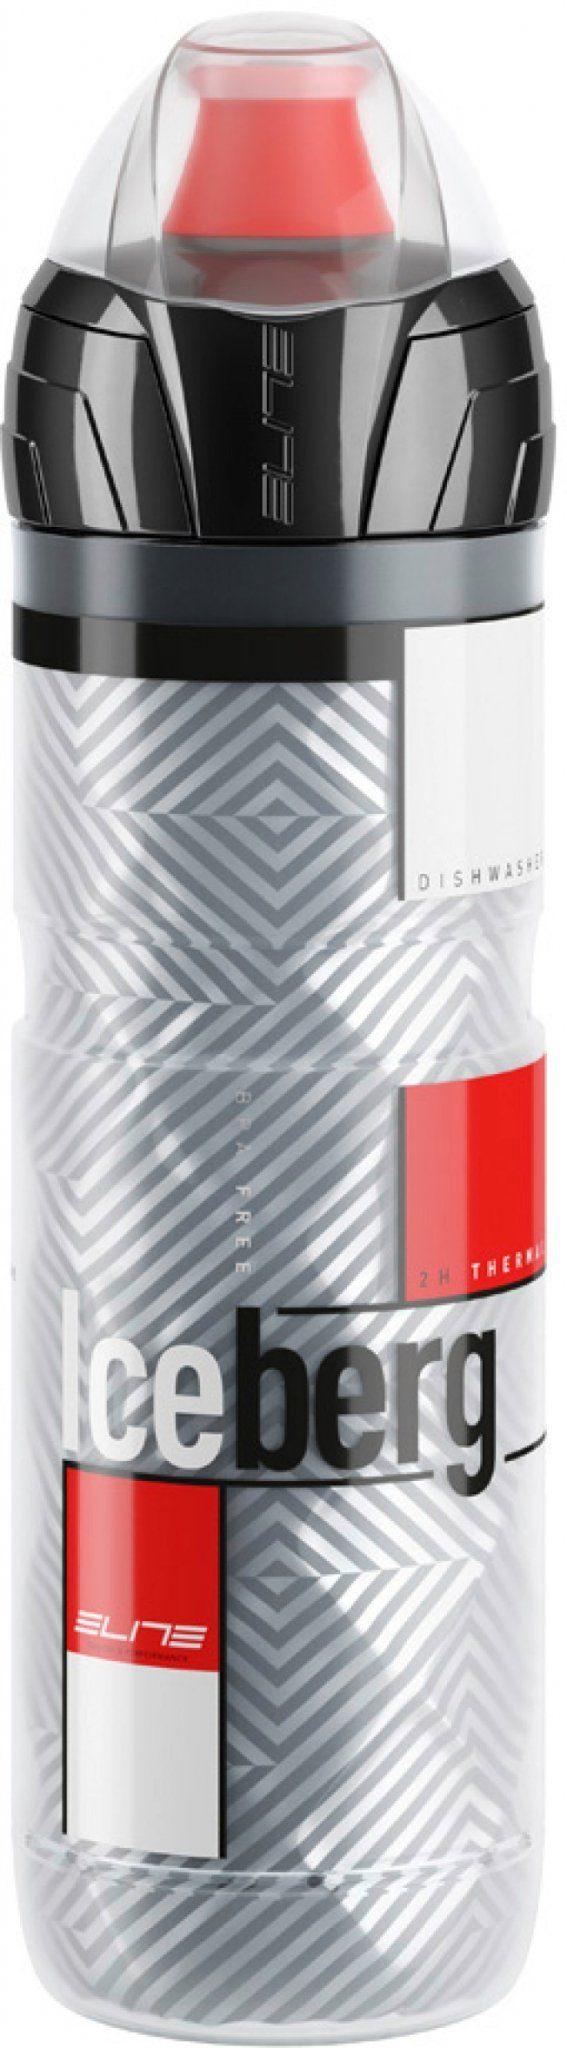 Elite Trinkflasche »Iceberg Thermoflasche 650ml«